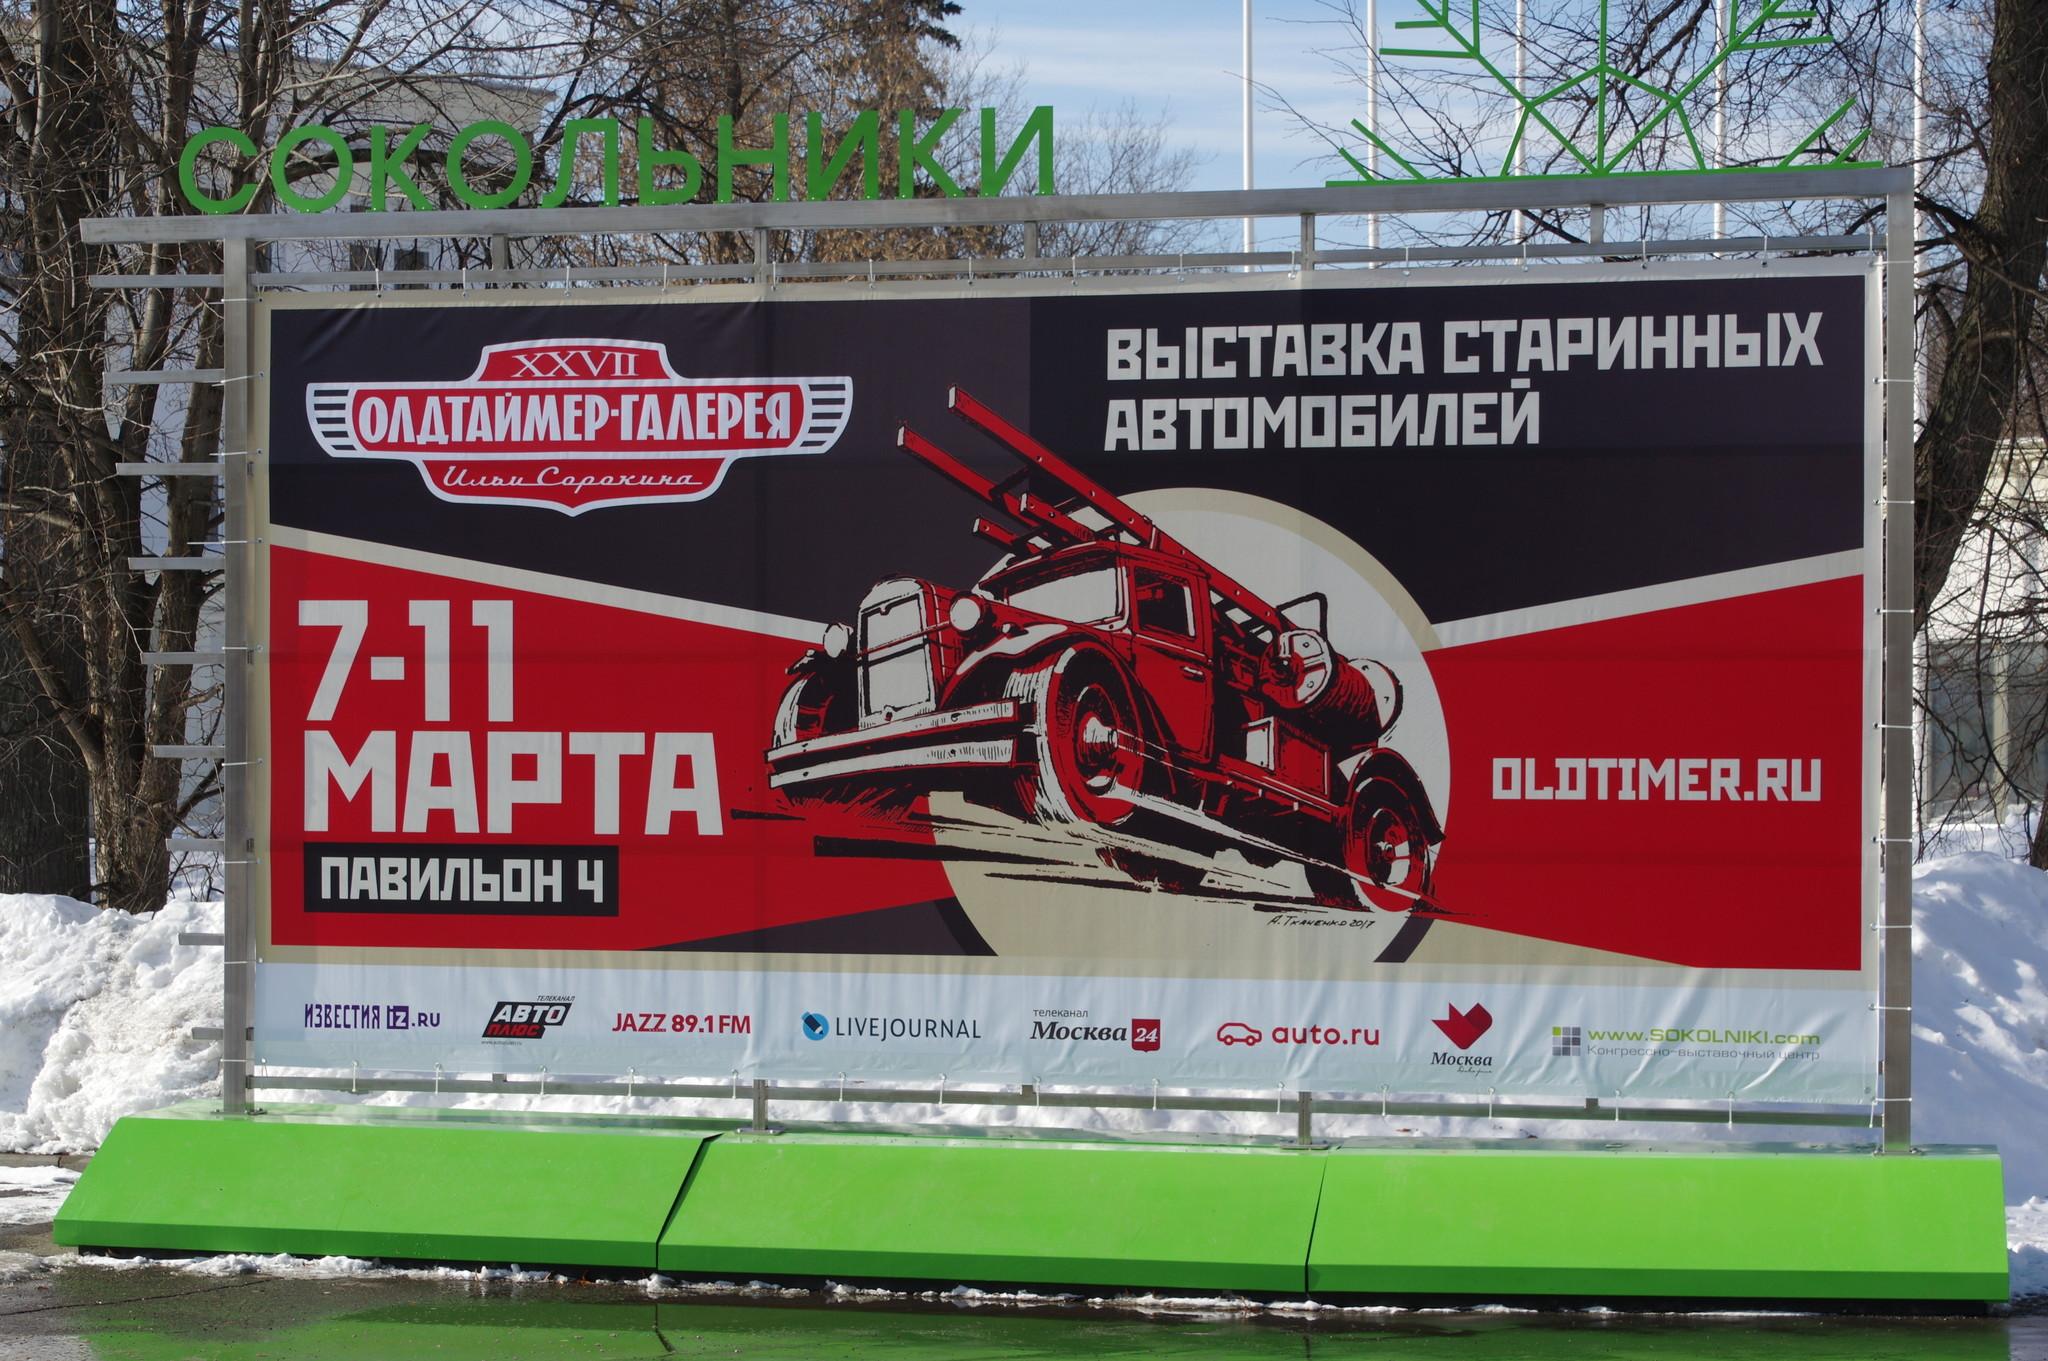 27-я выставка старинных автомобилей и антиквариата «Олдтаймер-Галерея» в КВЦ «Сокольники»